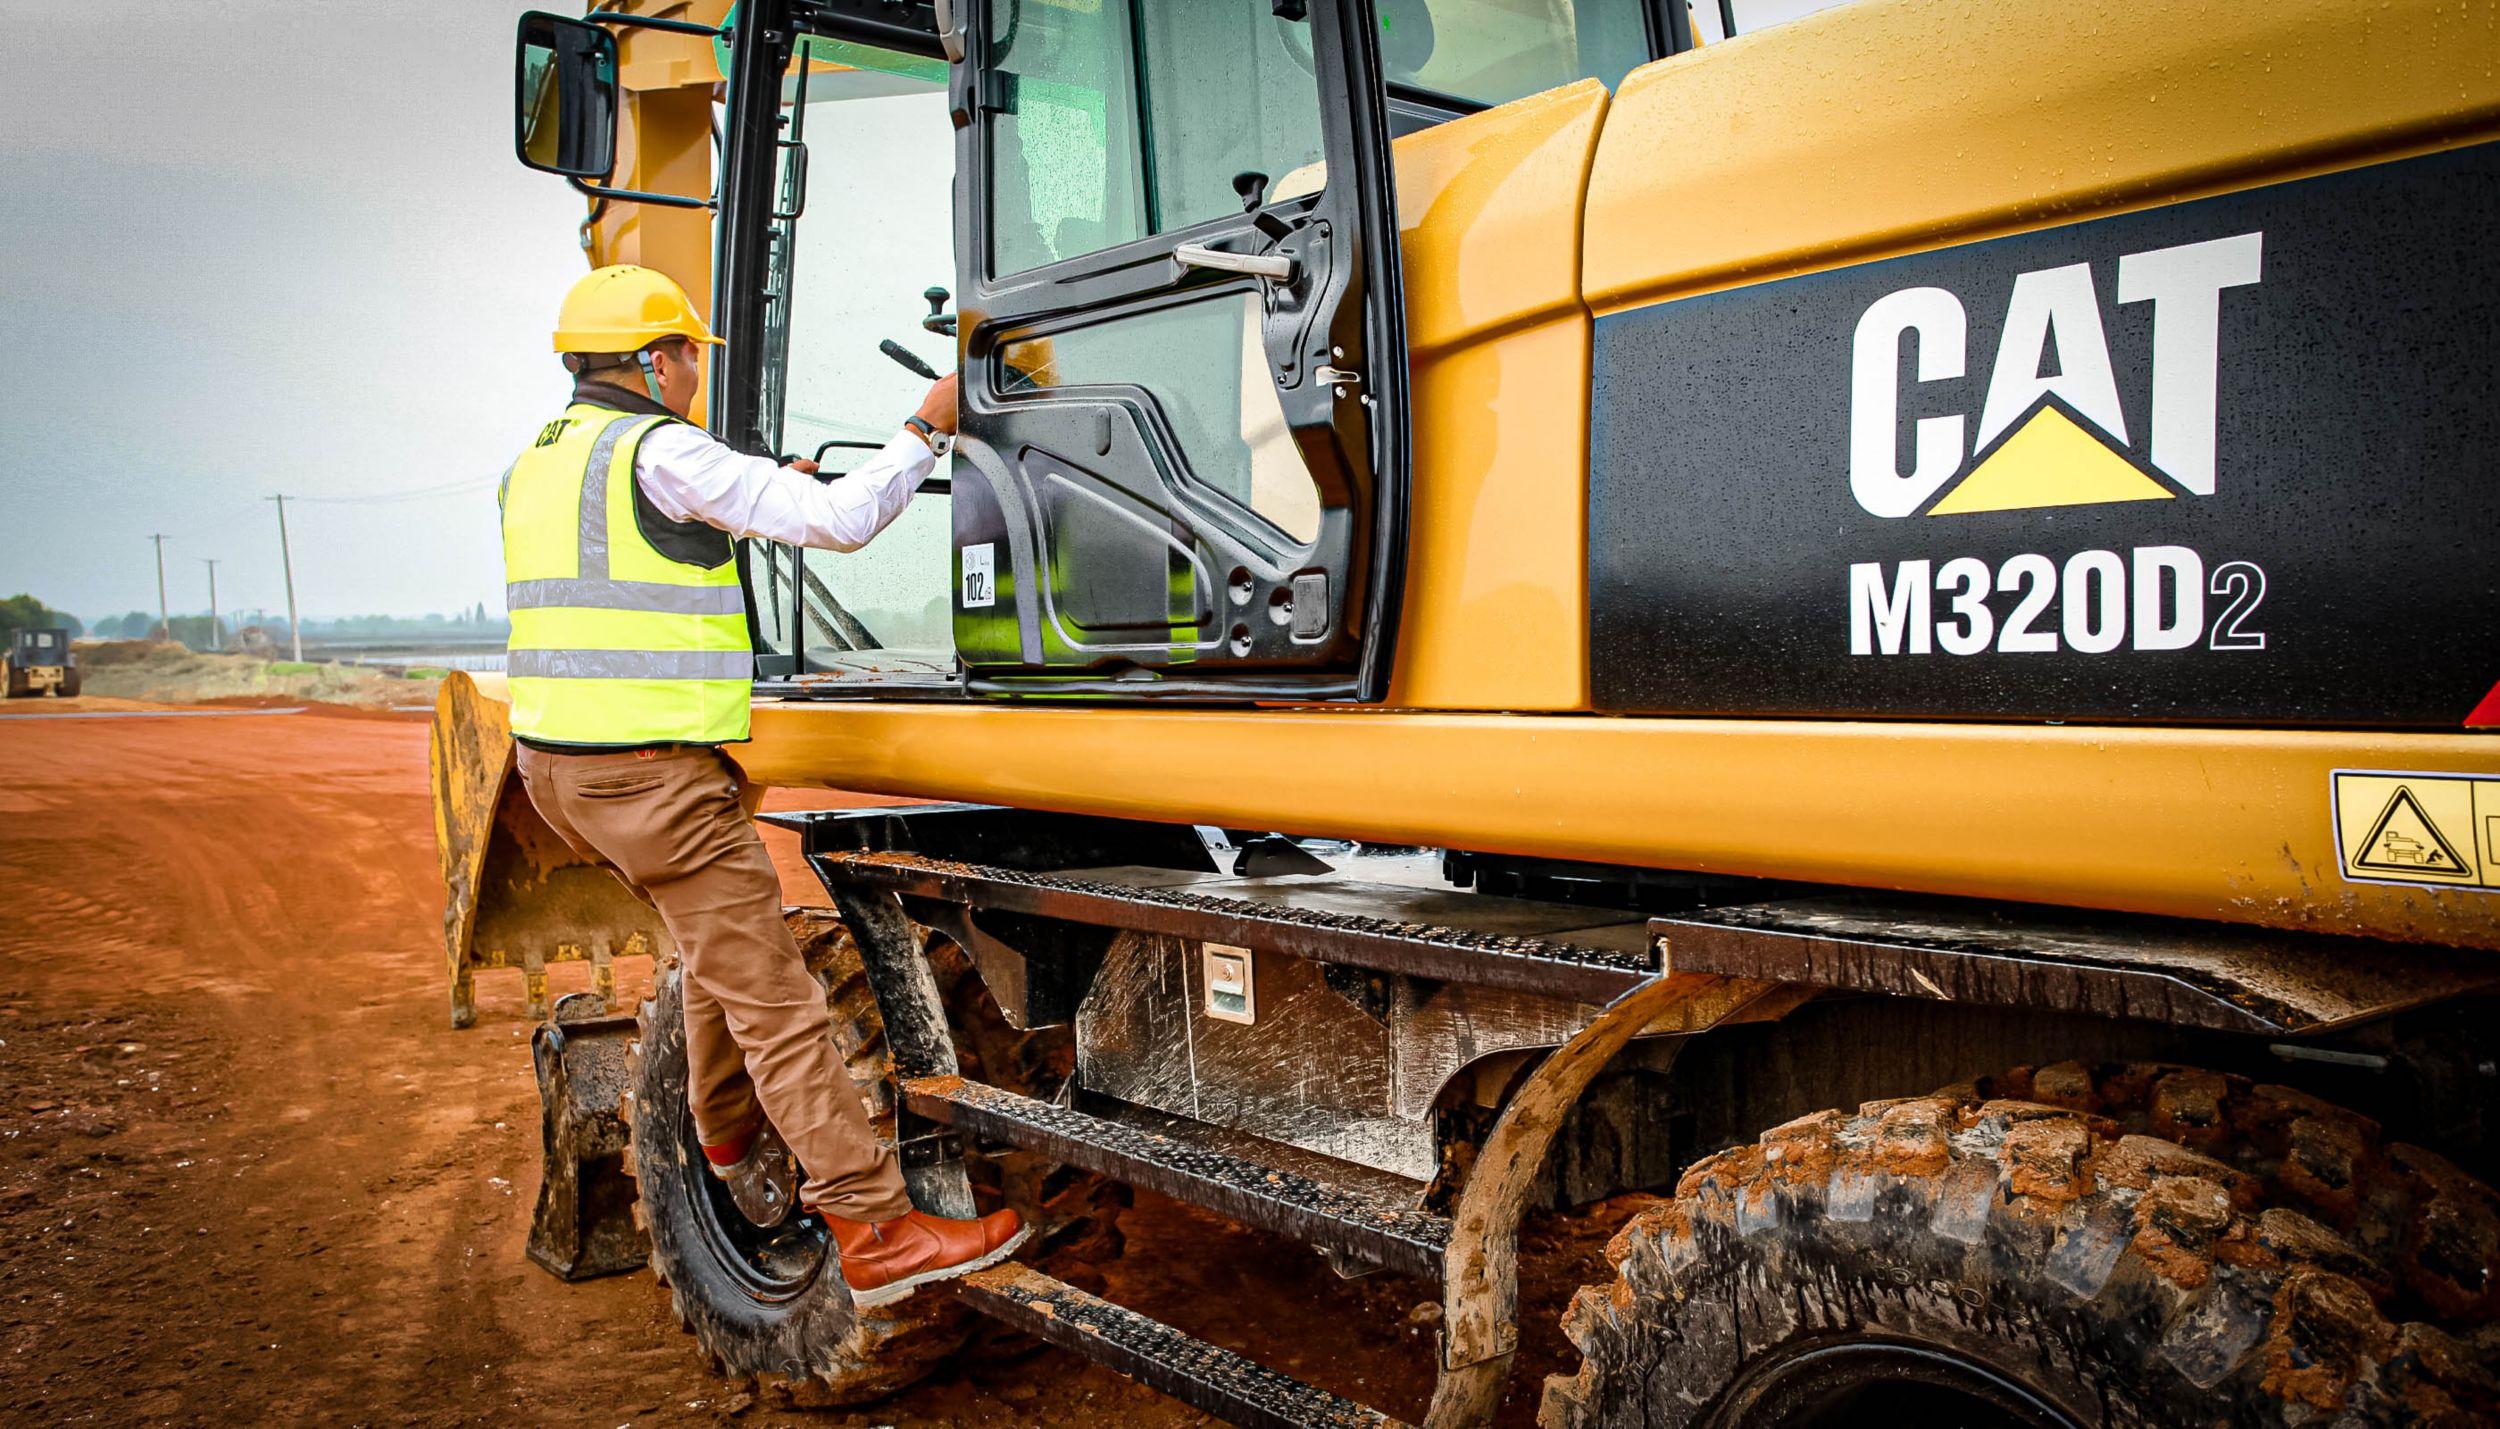 Cat | M320D2 Wheeled Excavator | Caterpillar